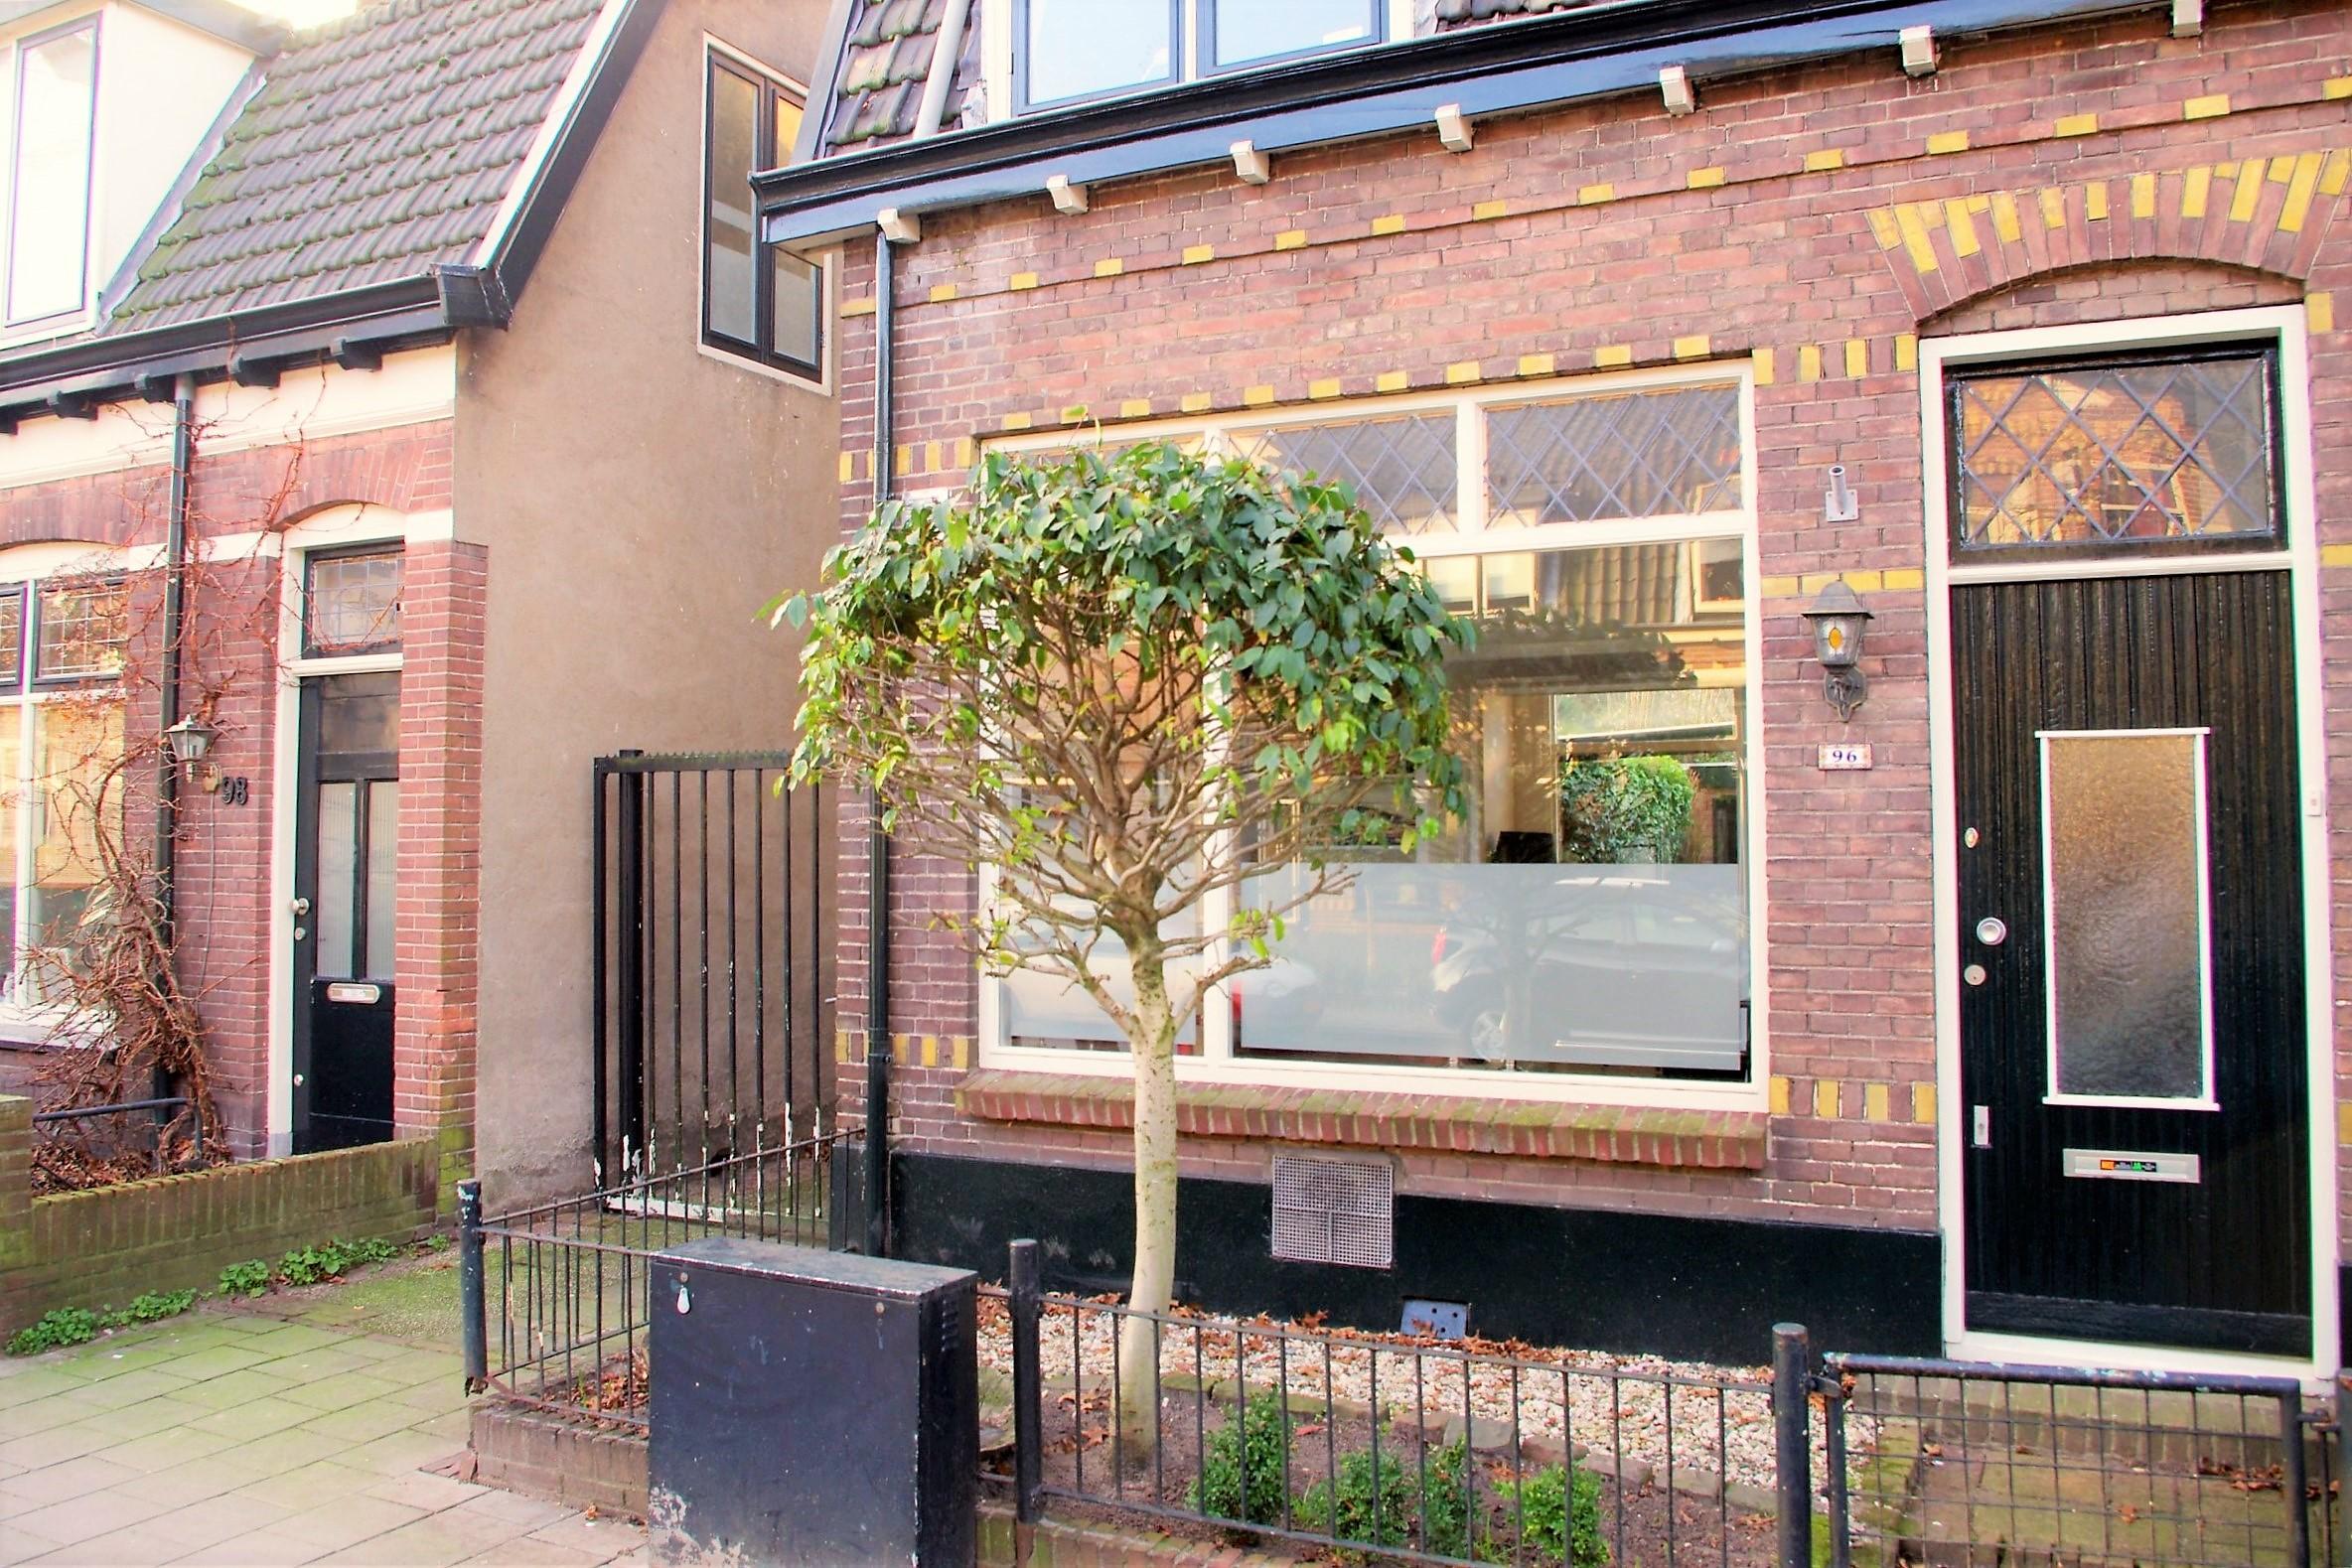 Hilvertsweg 96, Hilversum